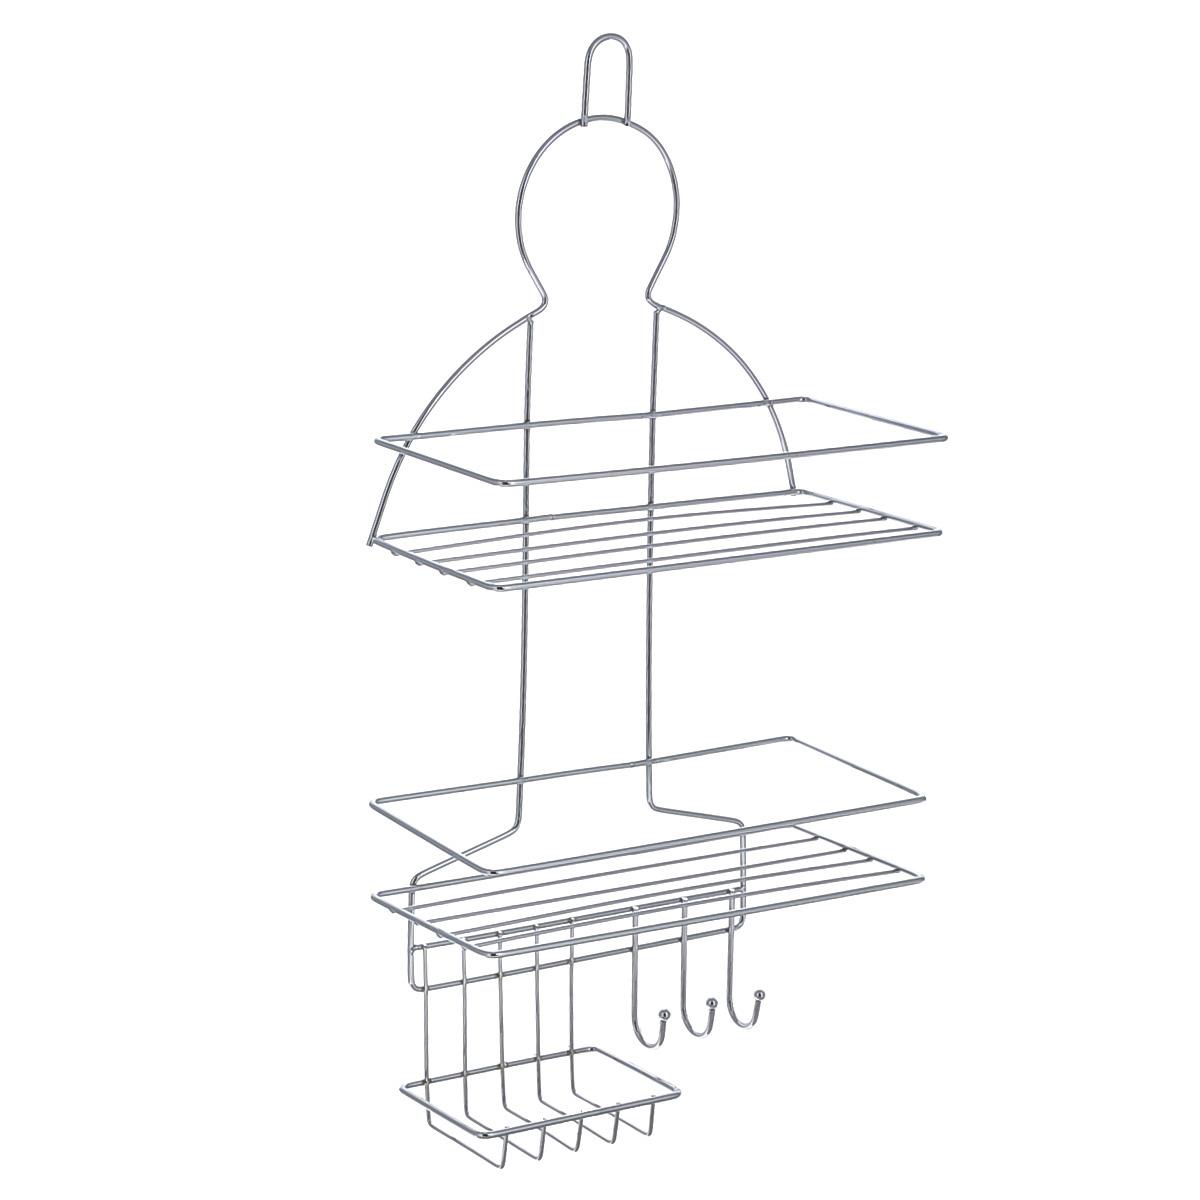 Полка навесная Home Queen, 23,7 см х 11,2 см х 49,8 см58561Удобная компактная полка Home Queen не требует специального монтажа, ее можно повесить на крючок или штангу в ванной. Универсальный дизайн подойдет для любого интерьера ванной комнаты. Выполнена из хромированной стали.